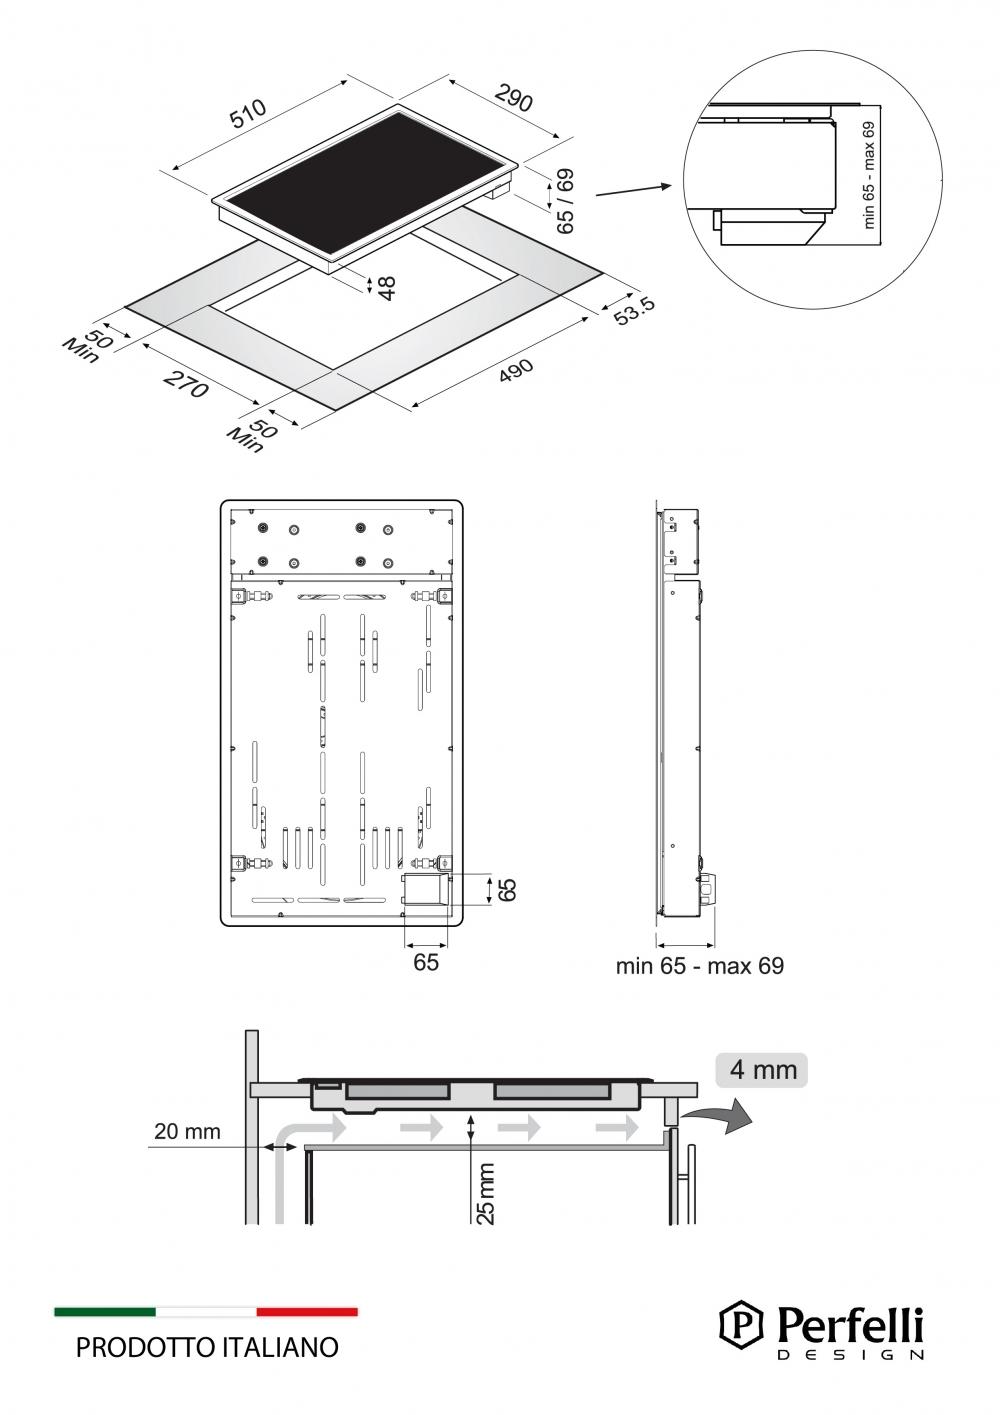 Поверхность стеклокерамическая Domino Perfelli design HVC 3110 BL